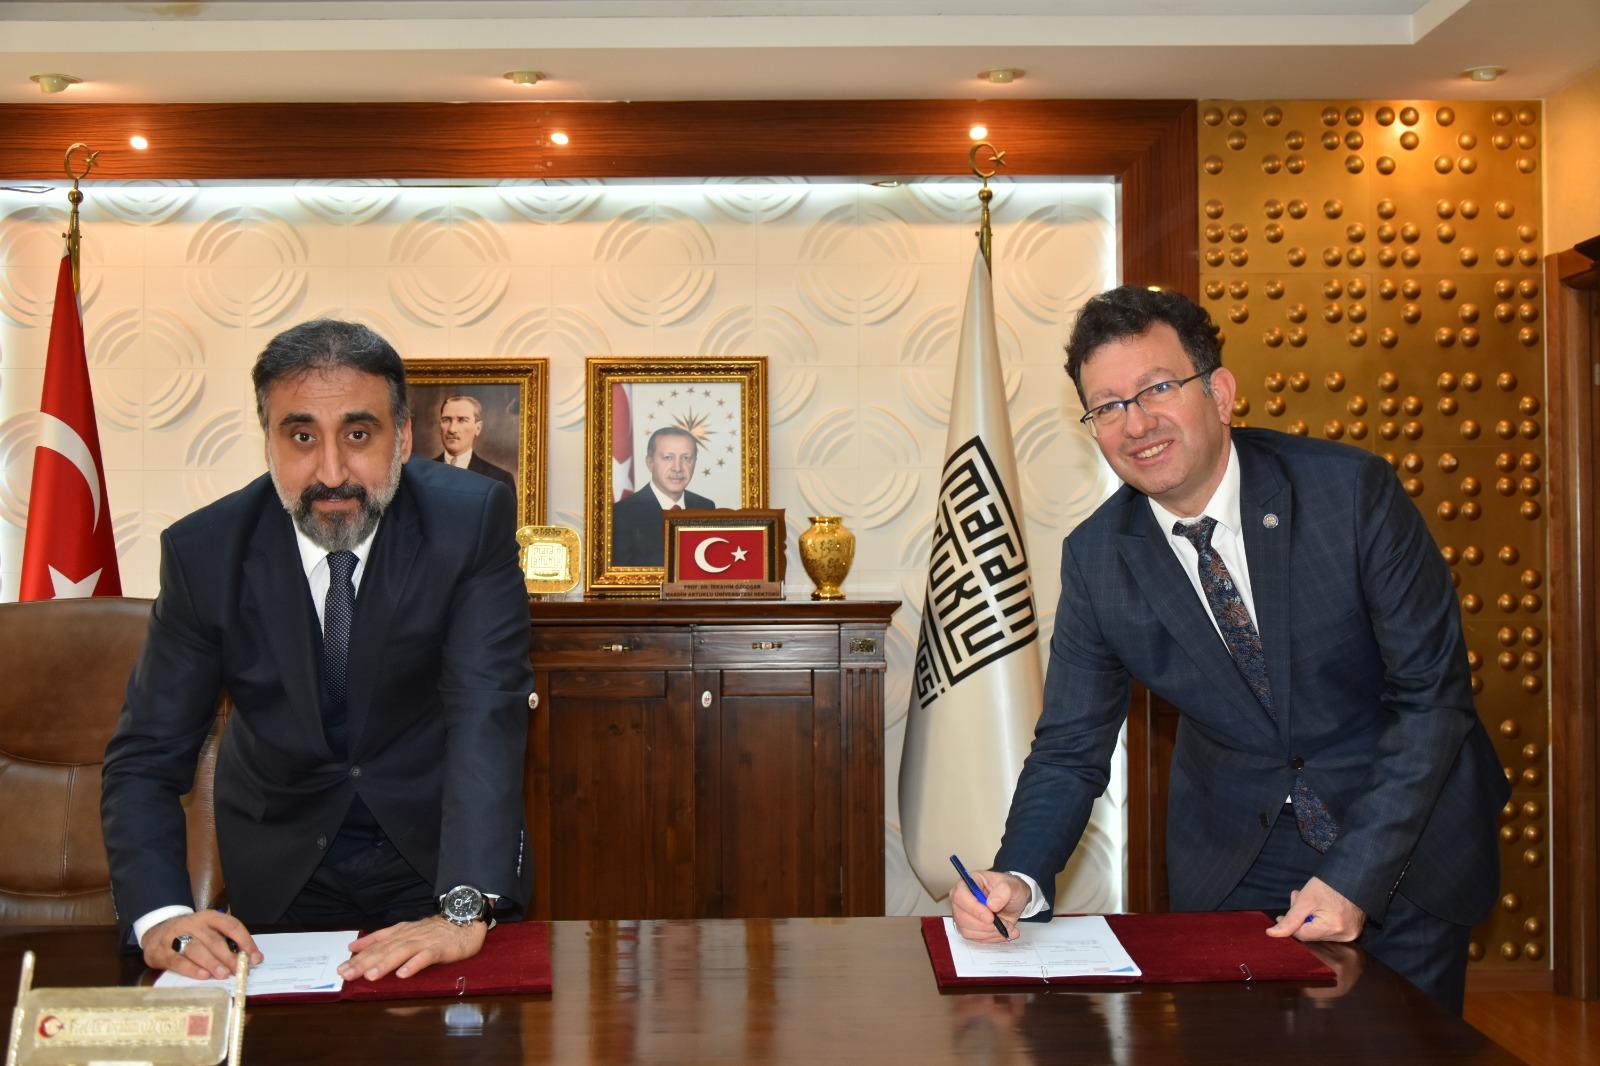 Mardin Artuklu Üniversitesi ile Şırnak Üniversitesi arasında iş birliği protokolü